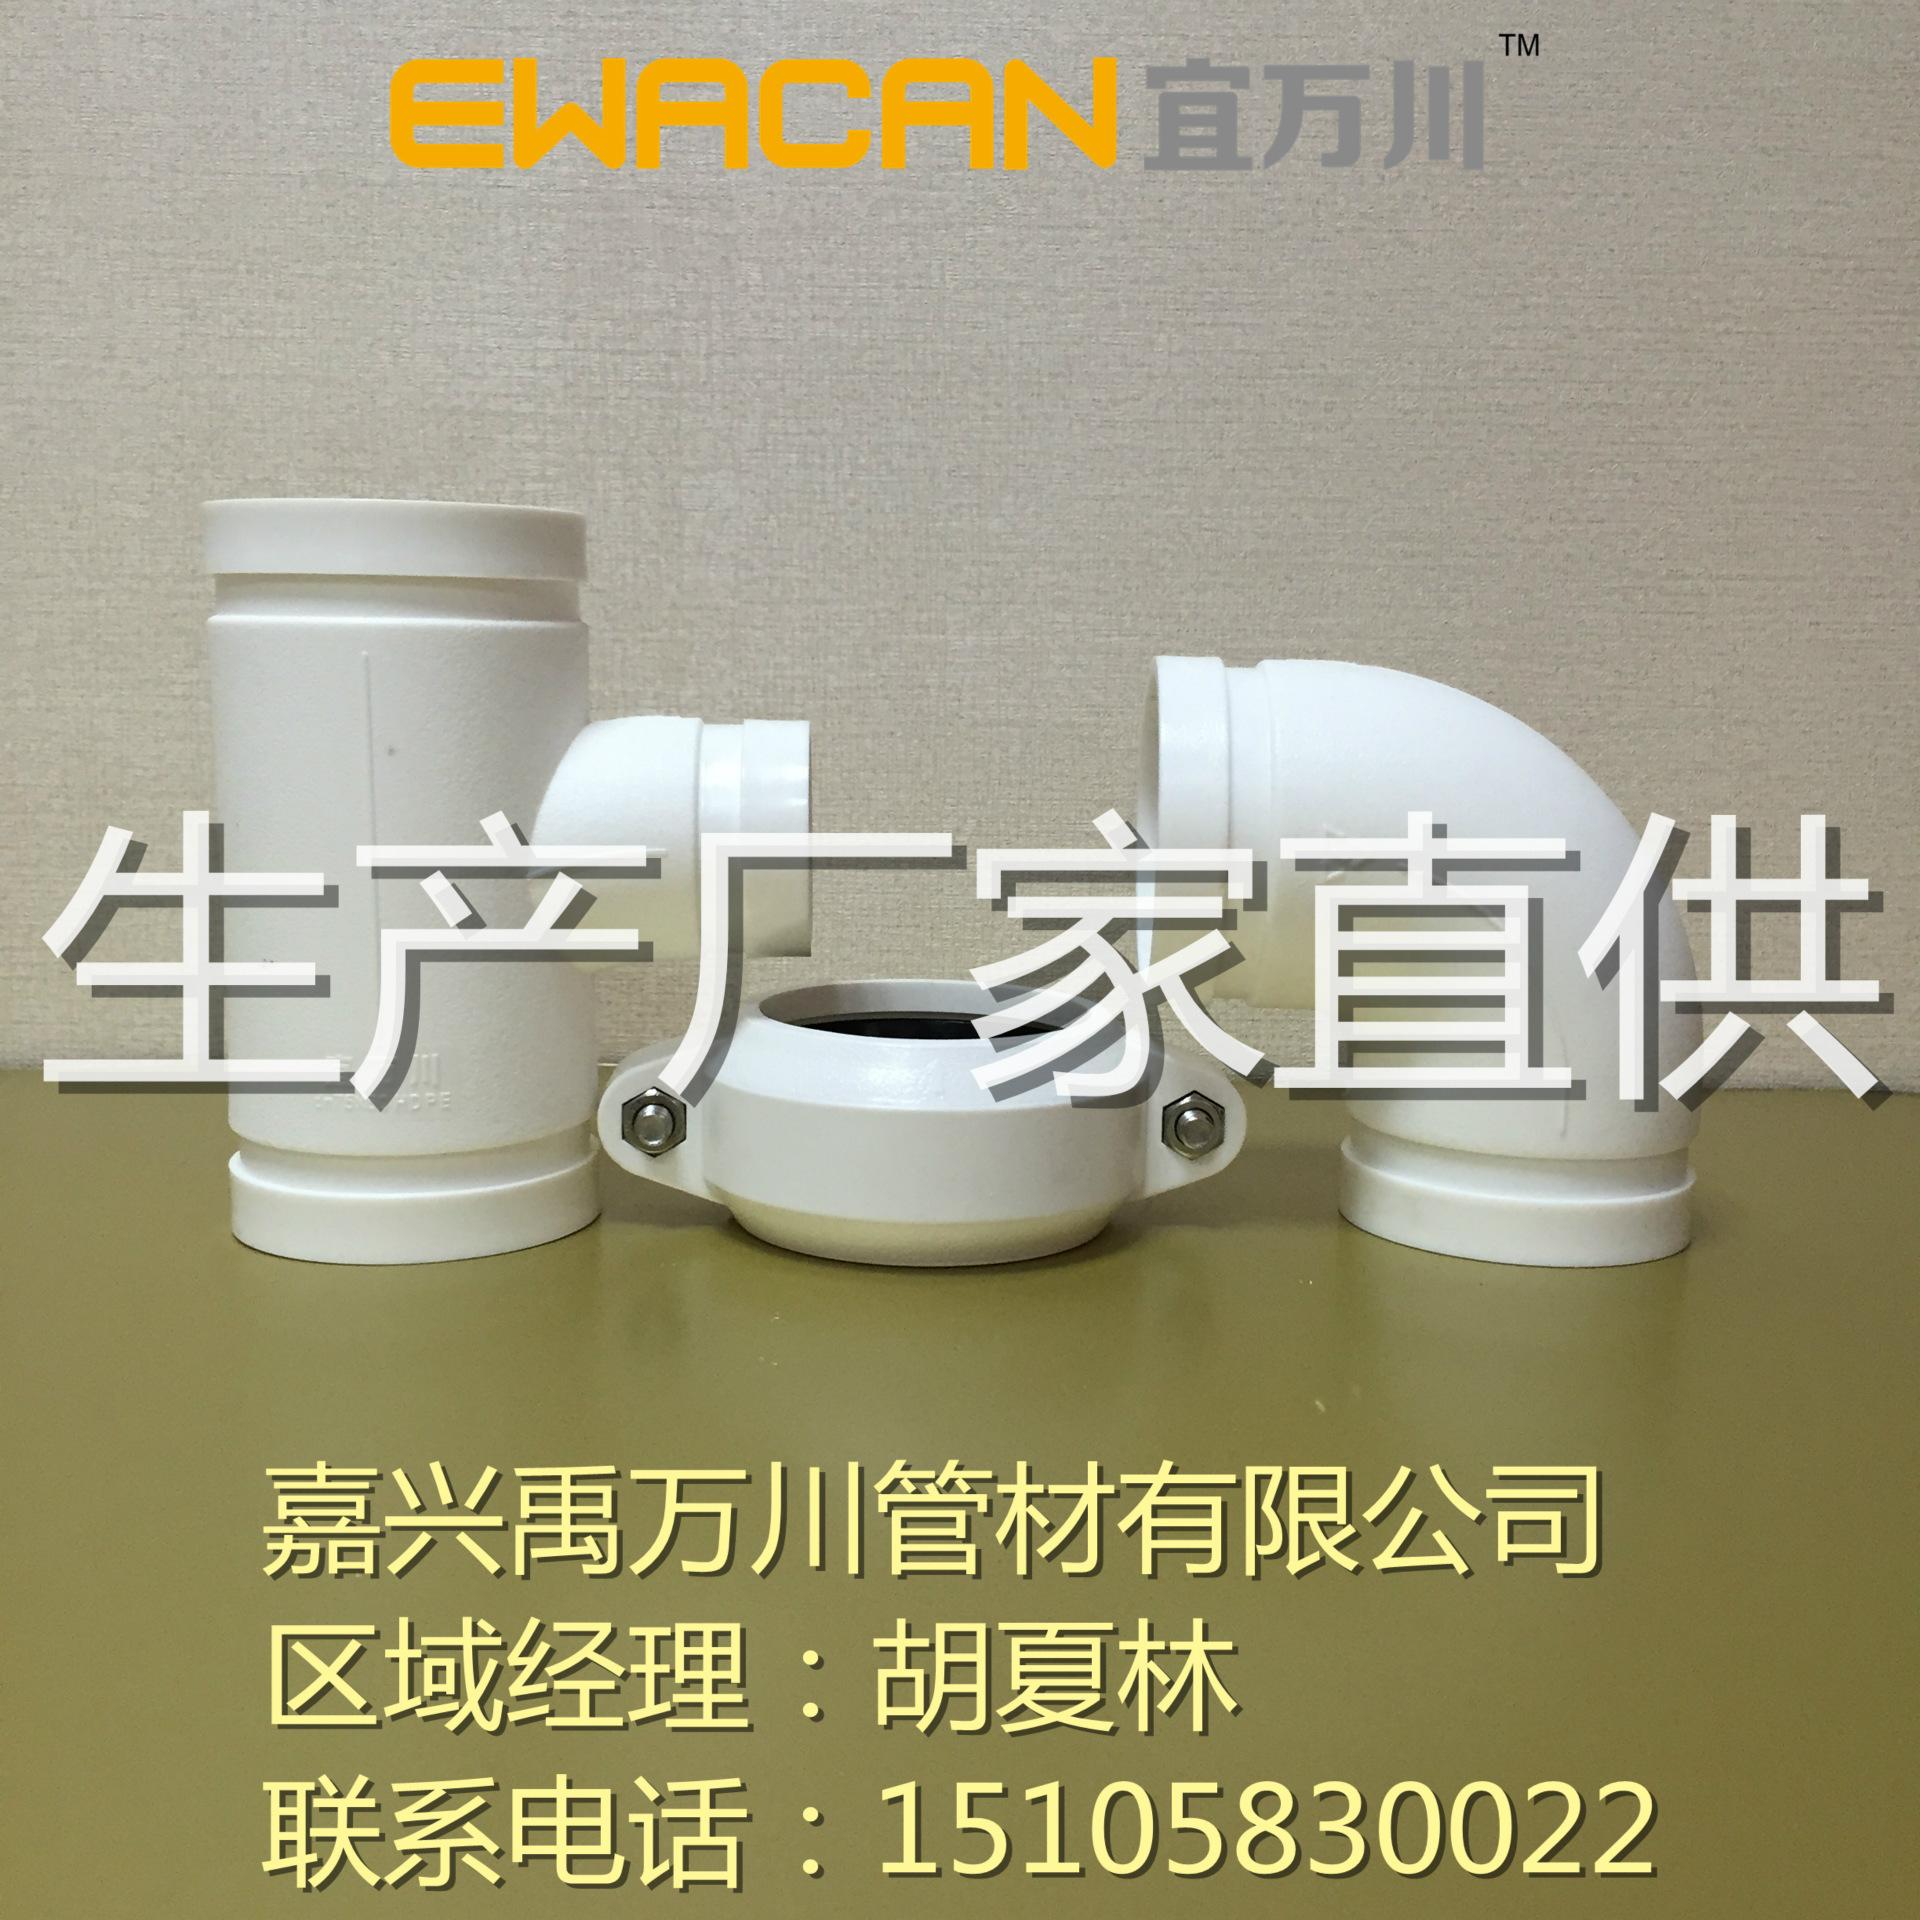 沟槽式HDPE超静音排水管,hdpe沟槽90度弯头,沟槽PE管,PE管示例图1